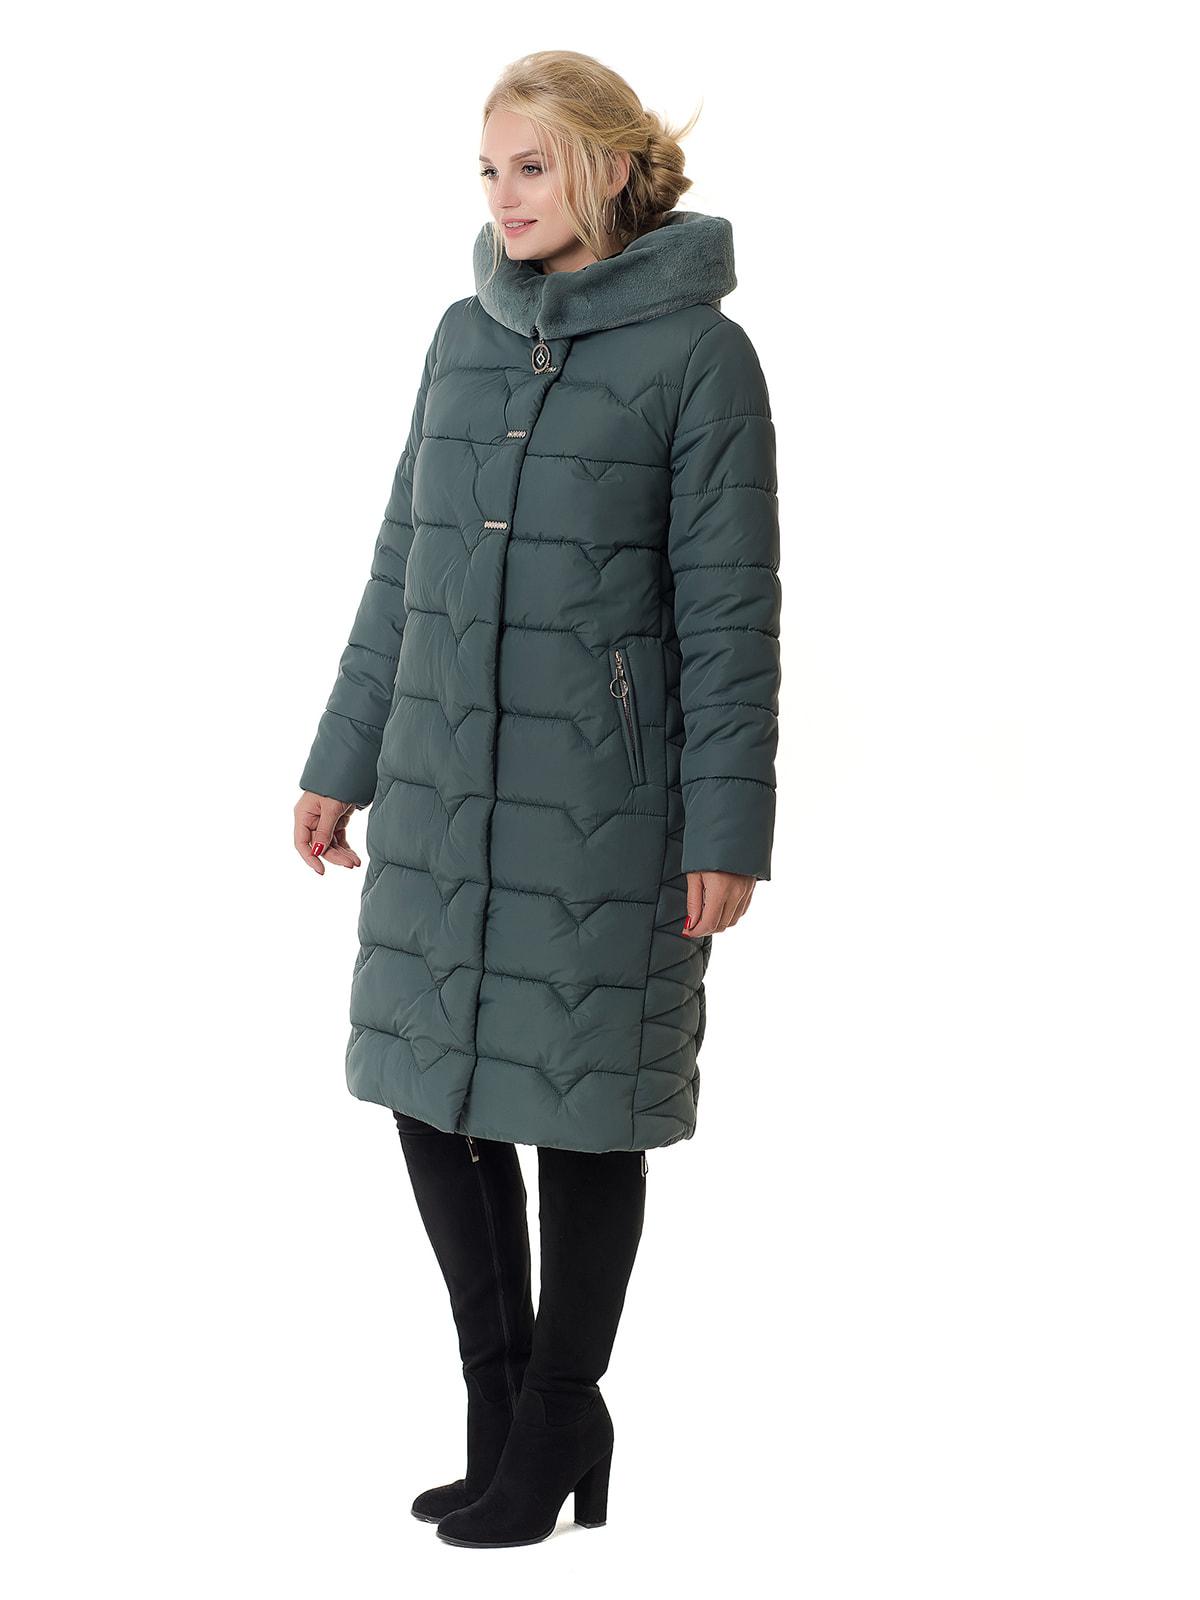 Пальто оливкового цвета | 4709194 | фото 3